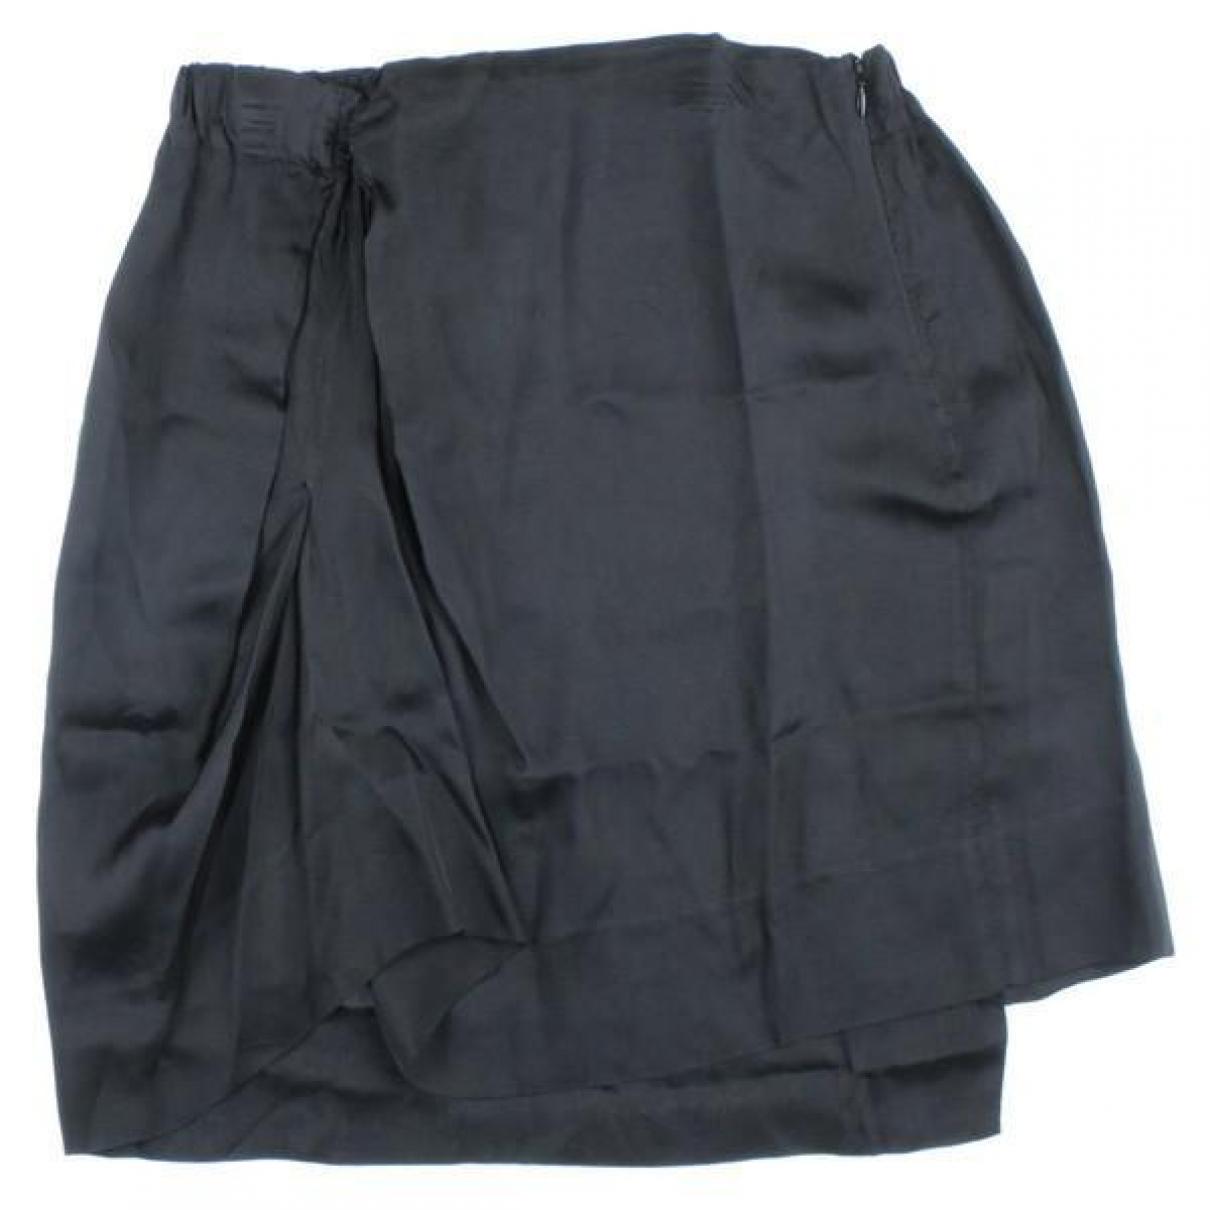 Dries Van Noten \N Black skirt for Women 40 IT